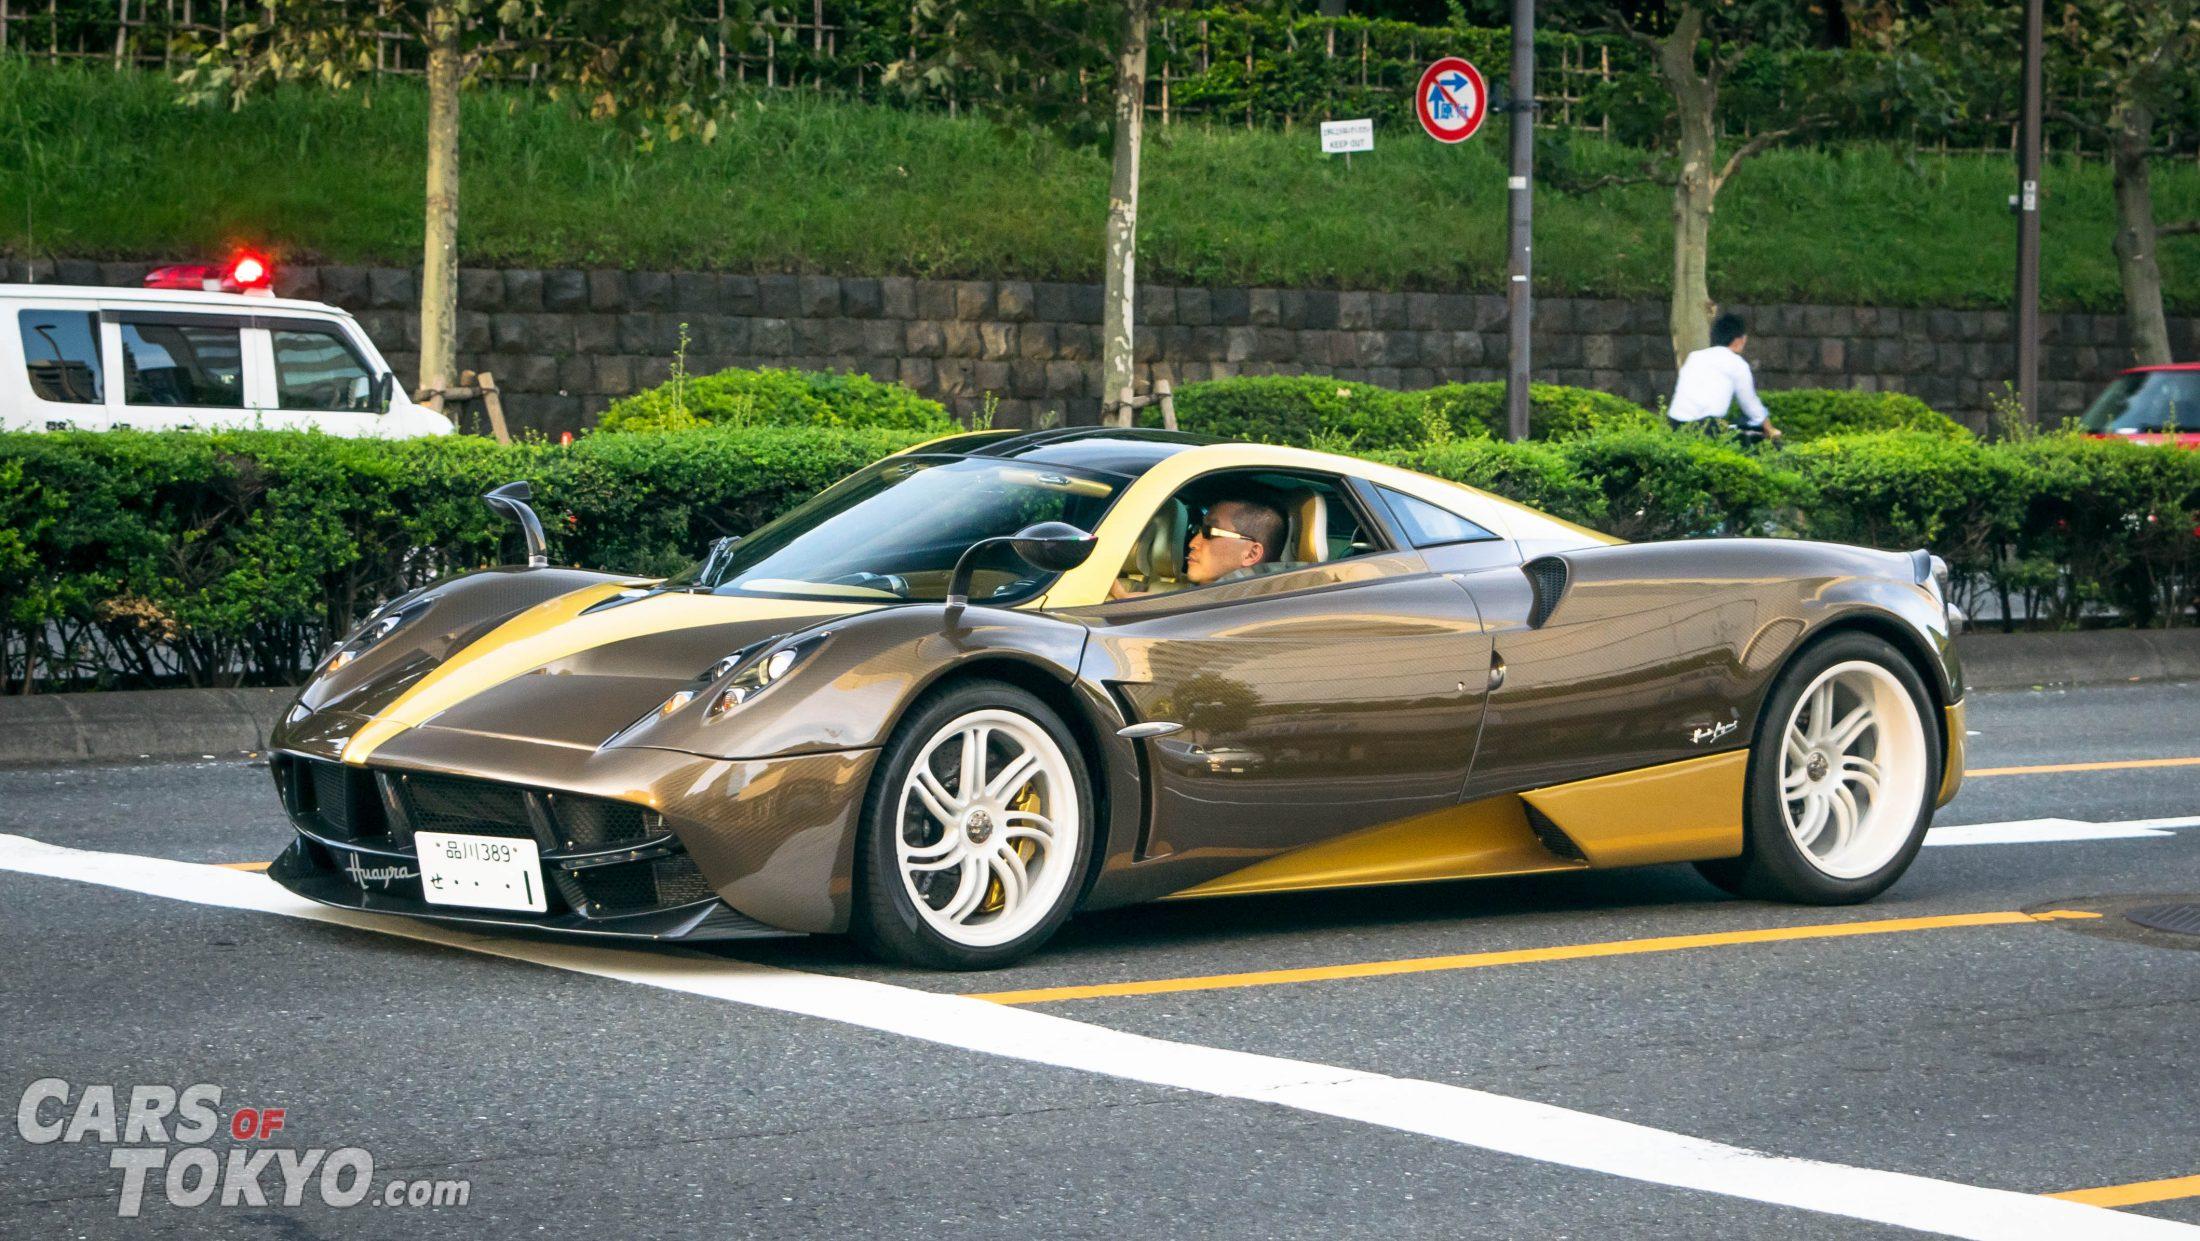 cars-of-tokyo-hypercars-pagani-huayra